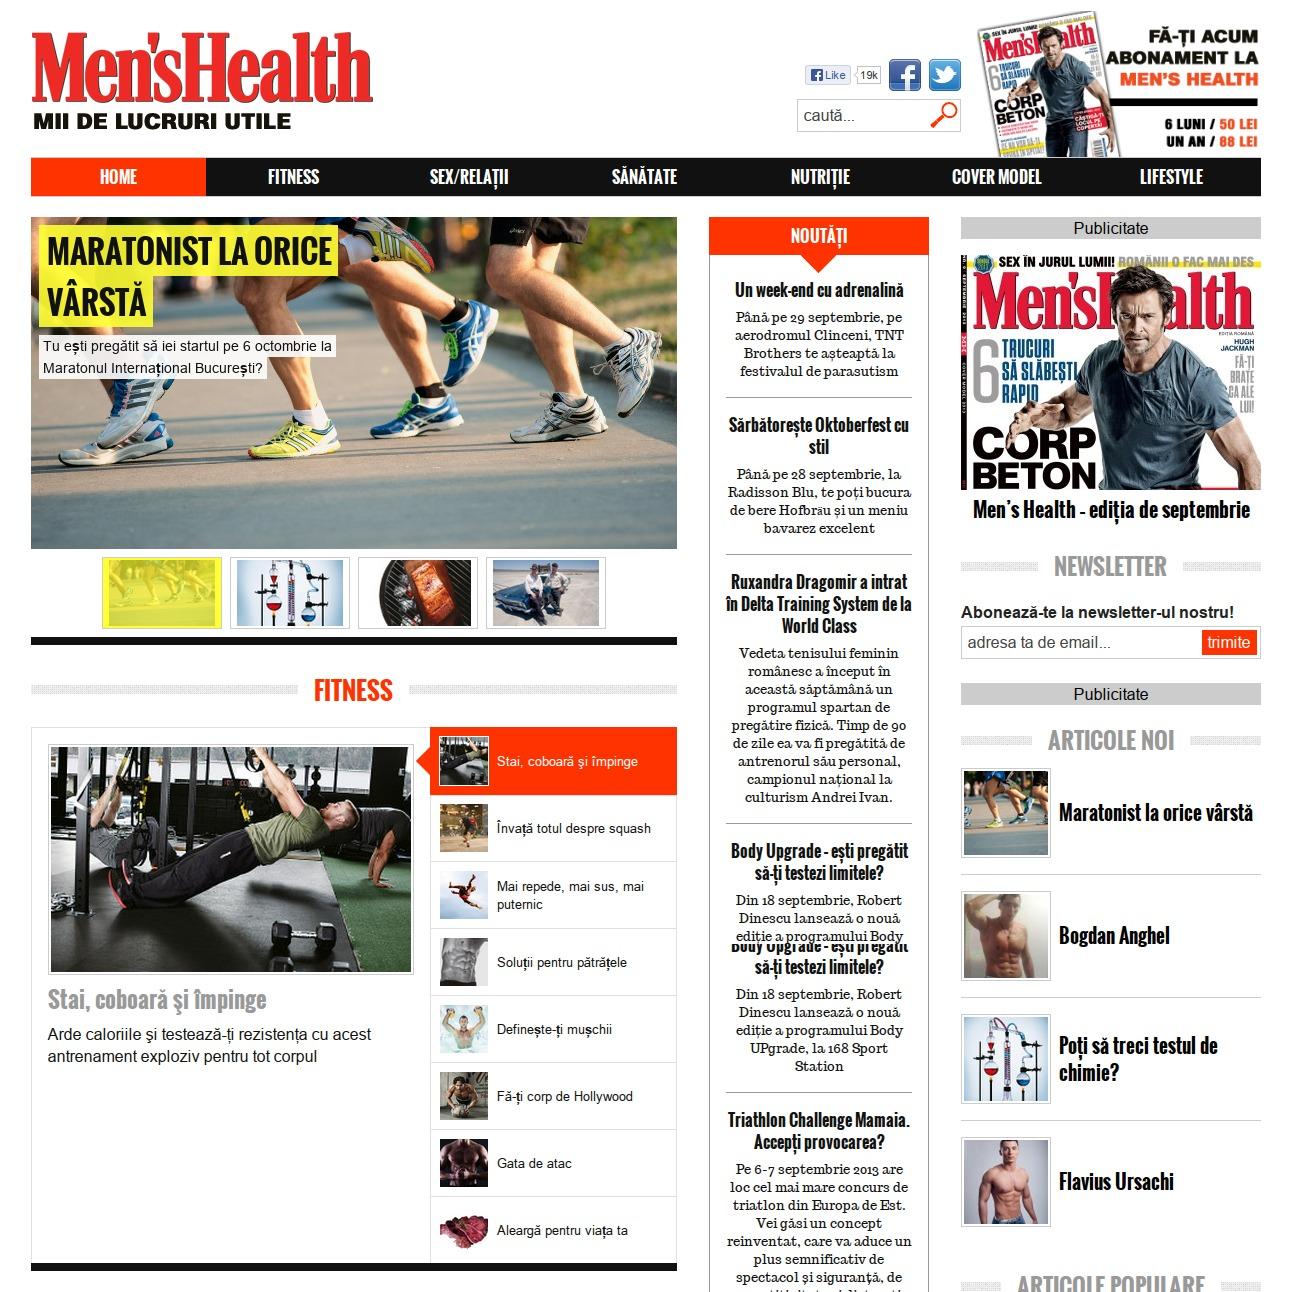 MensHealth.ro | Mii de lucruri utile - thumb